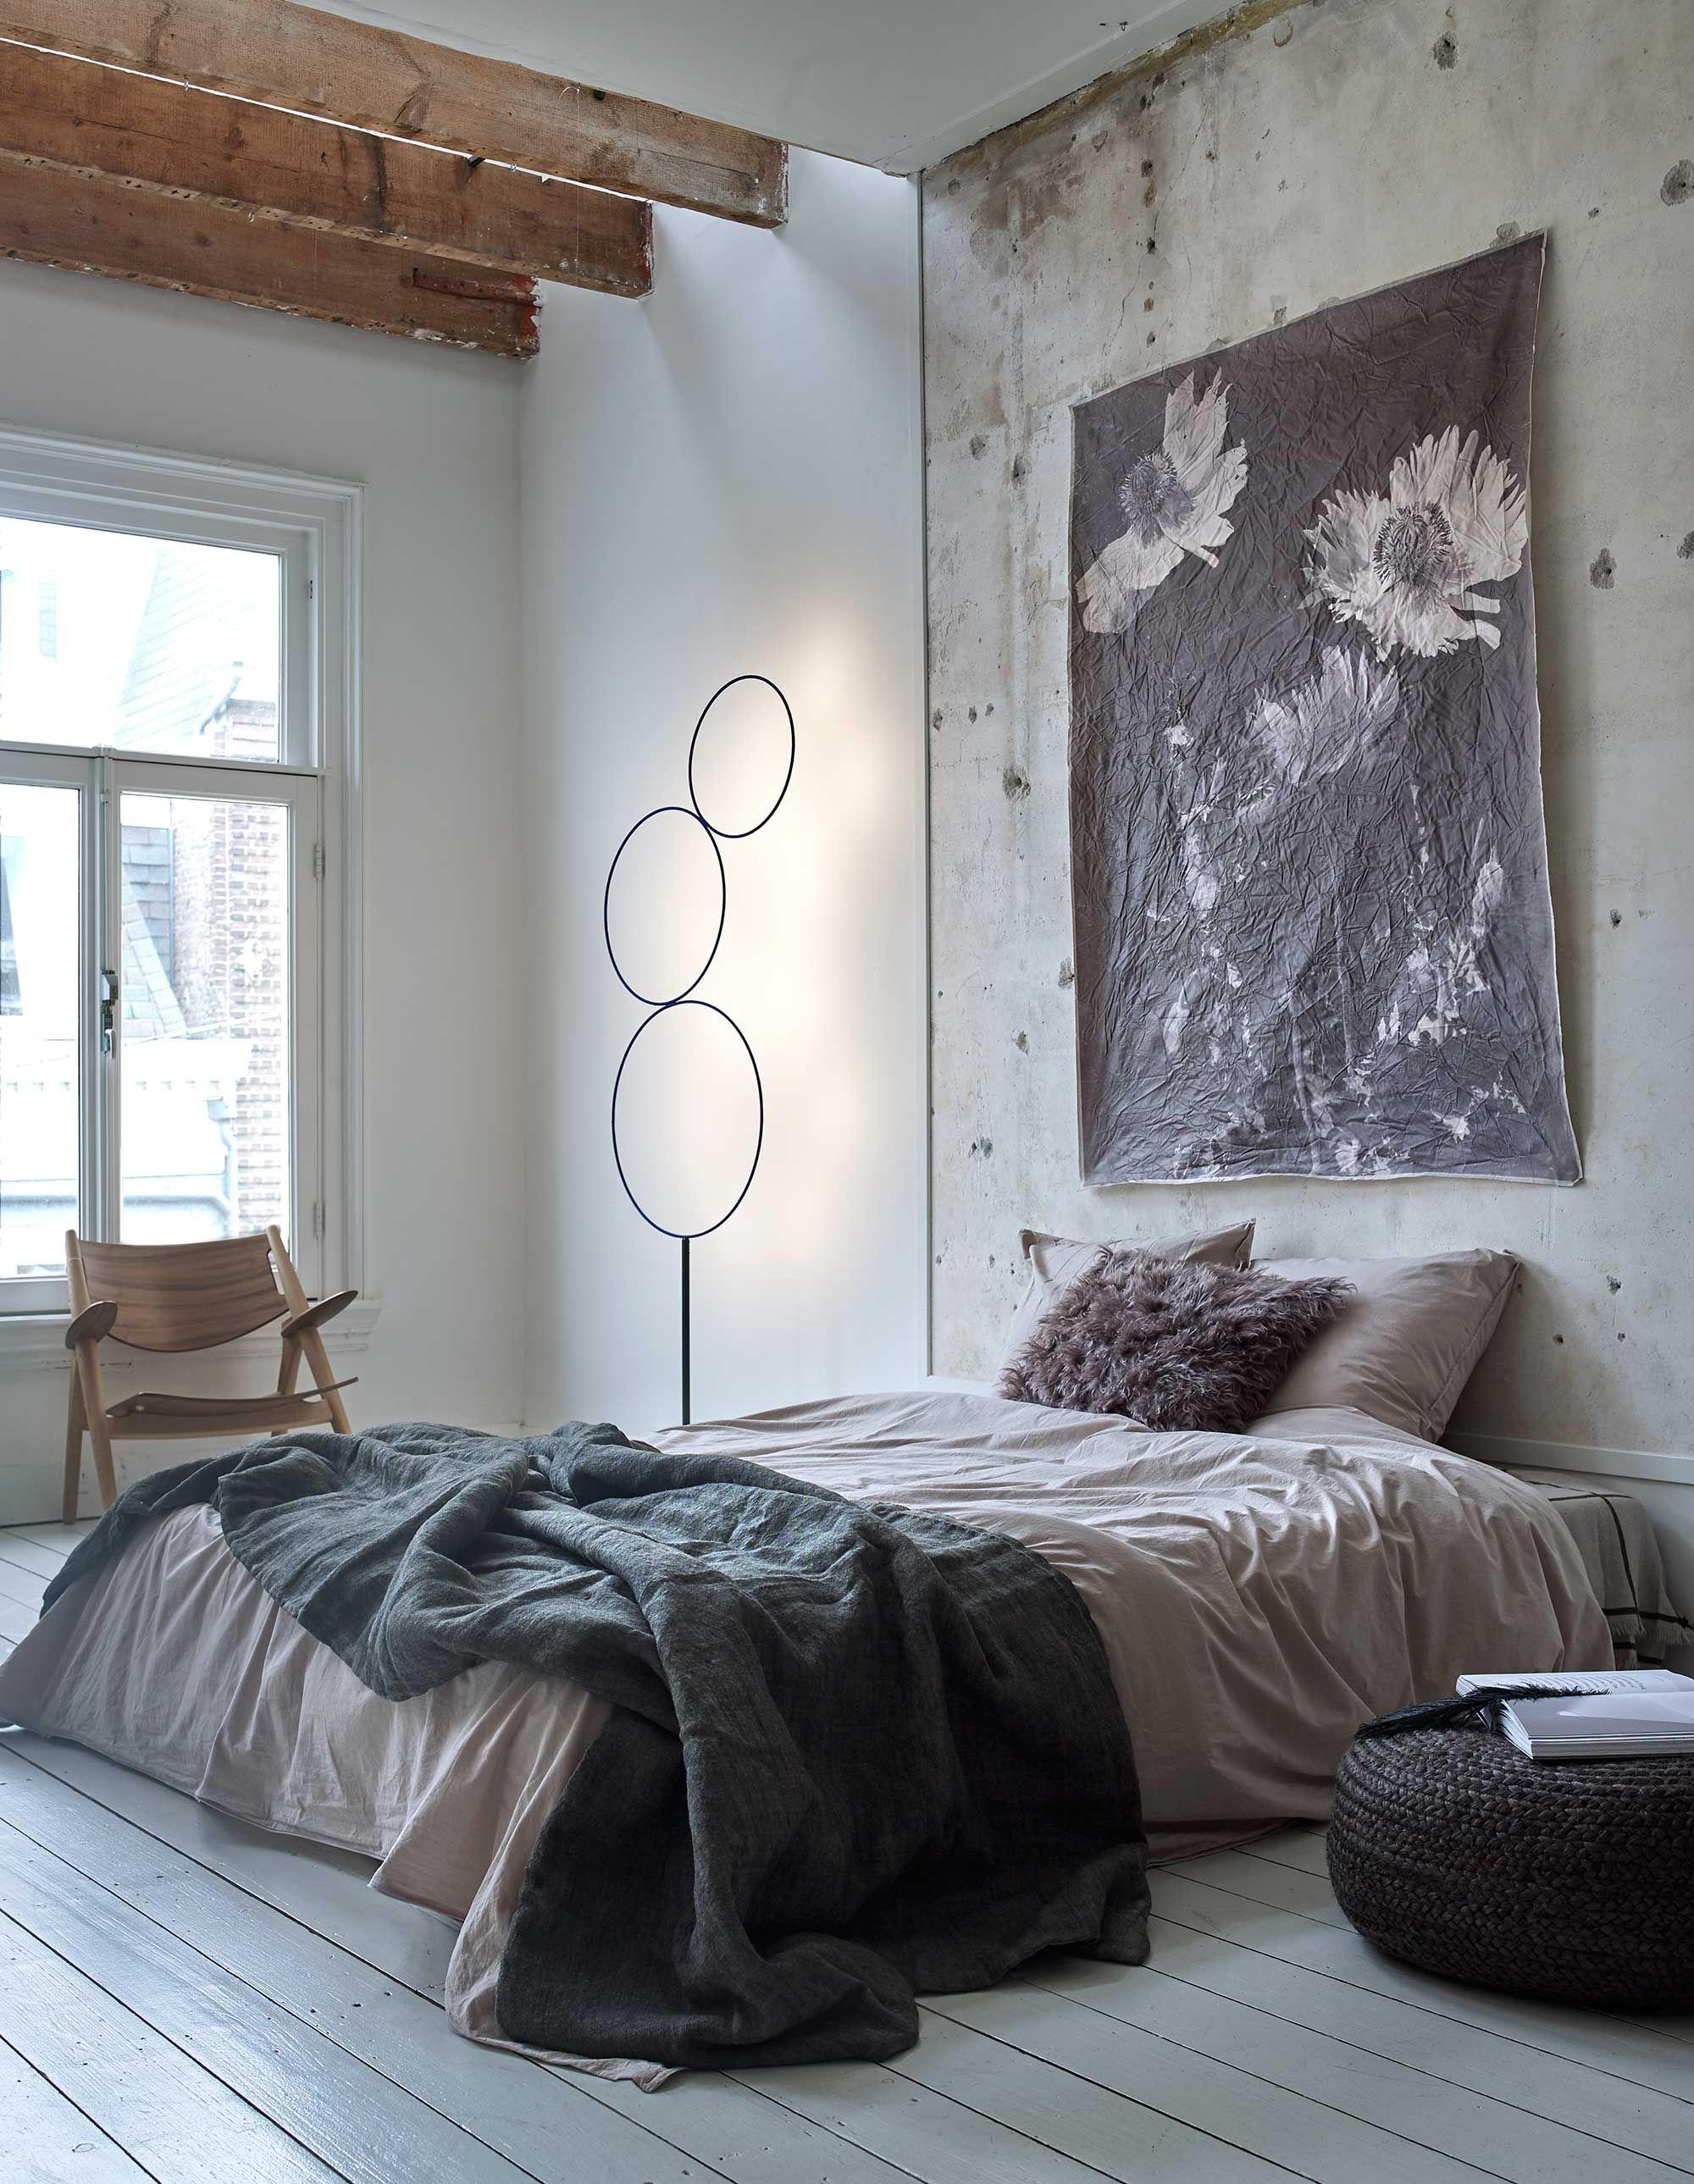 slaapkamer met canvasdoek   sleeping room with canvas   vtwonen 01 ...